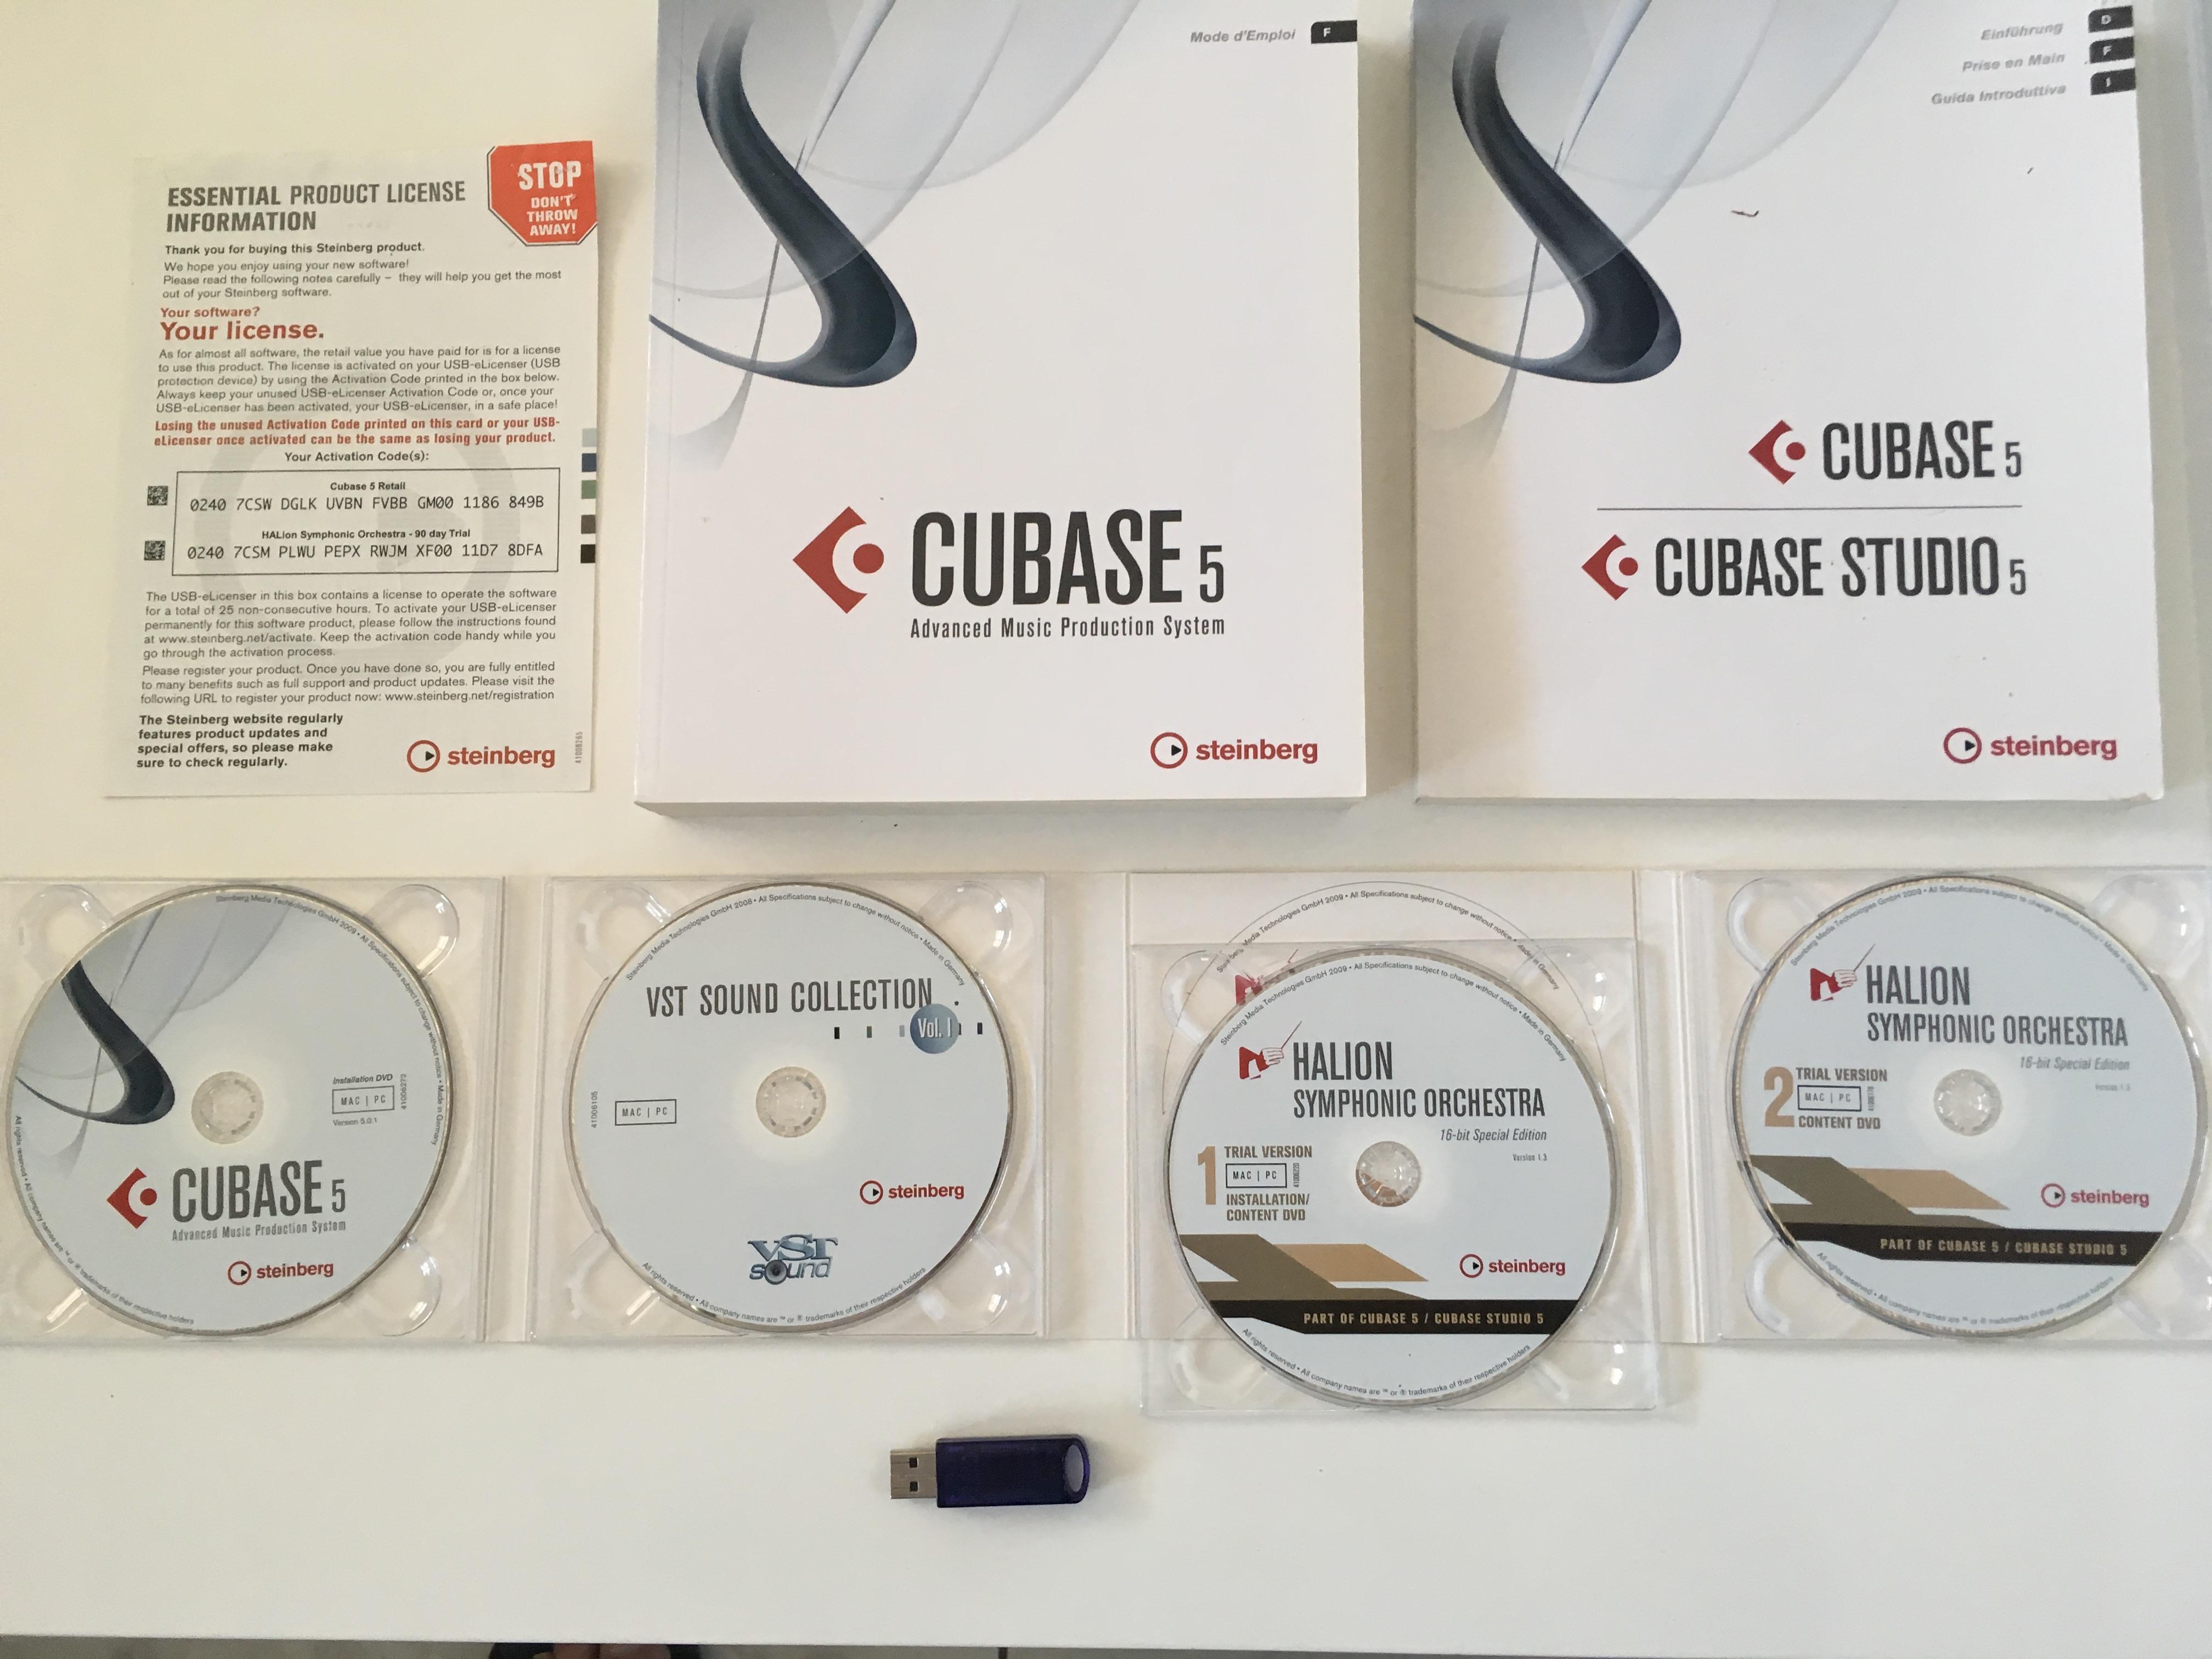 cubase 5 apk download